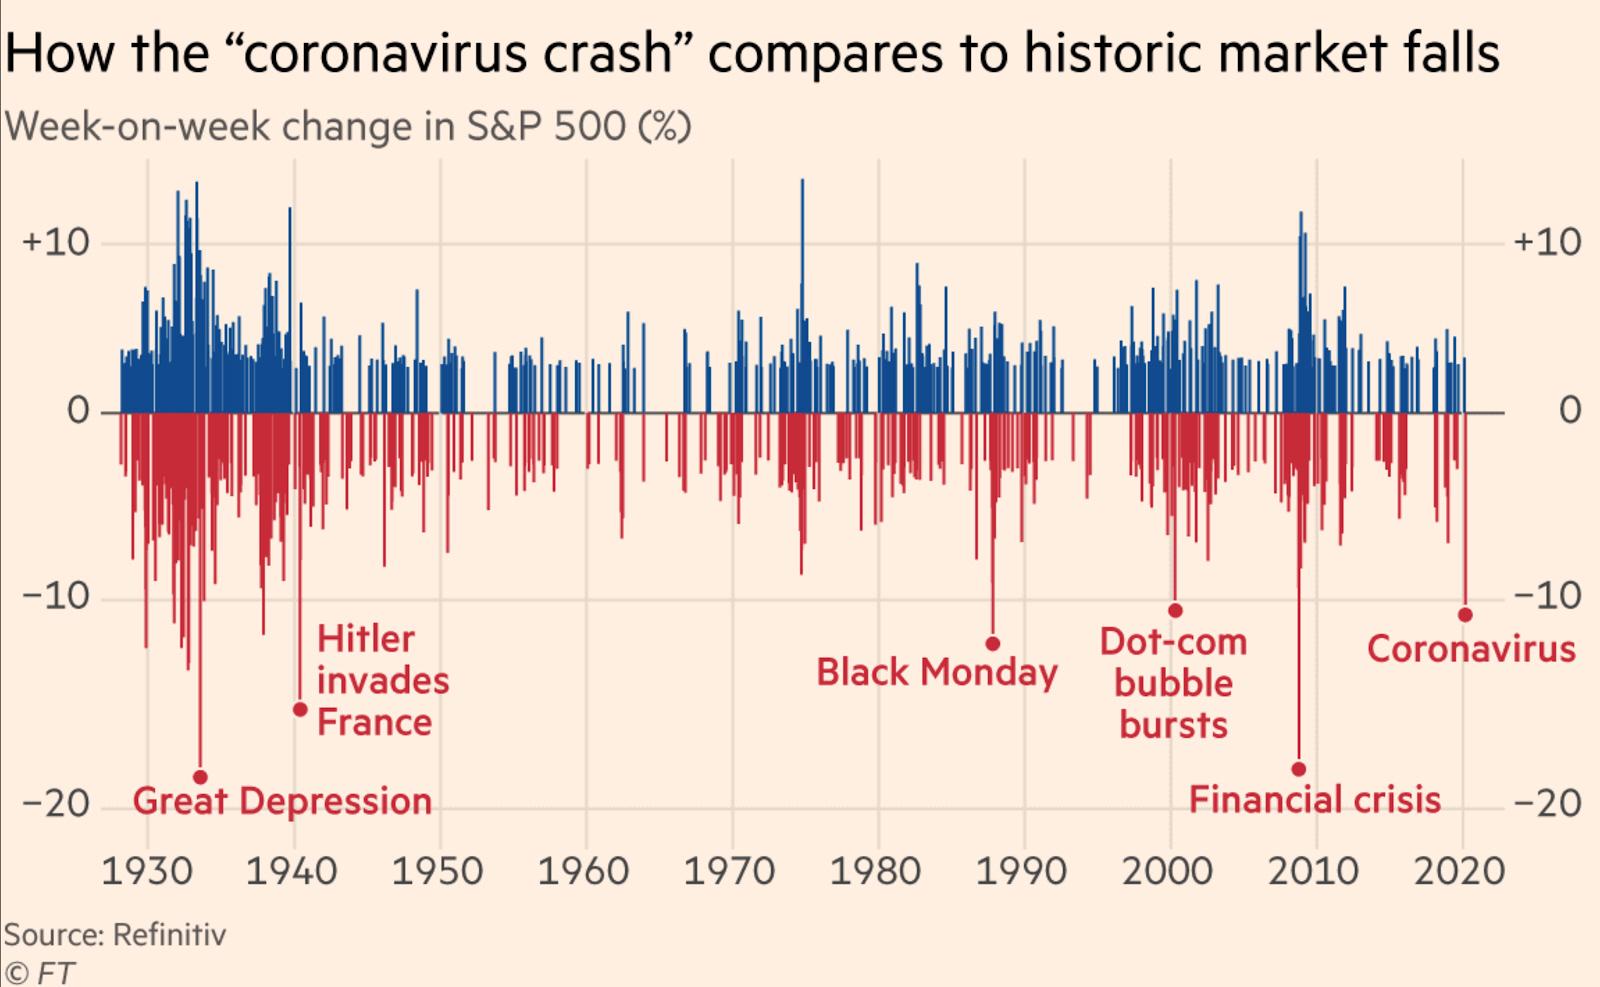 Oficialmente ya podríamos llamar a la semana pasada «el crash del coronavirus»